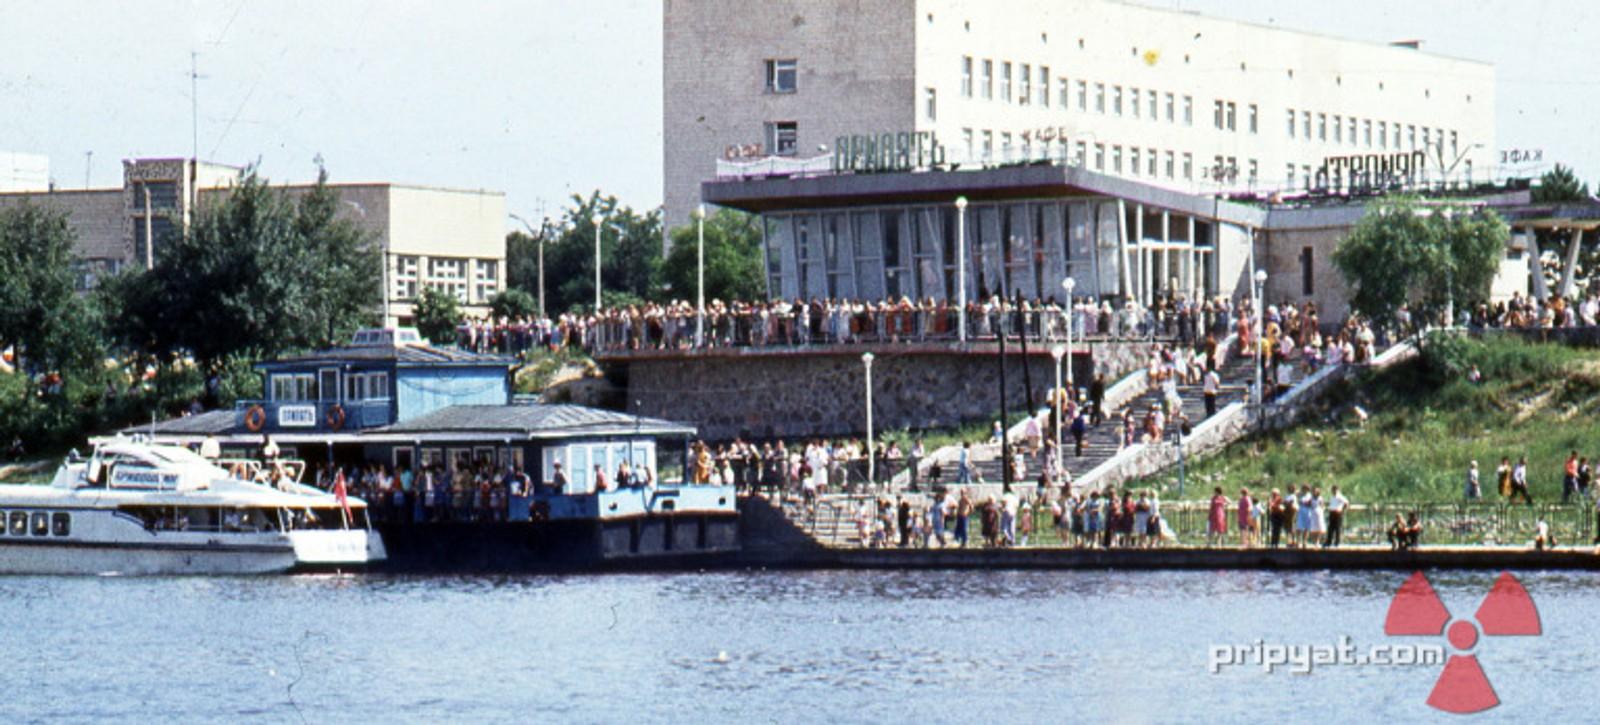 Fullt av folk utenfor Kafé Pripyat før tragedien inntraff.